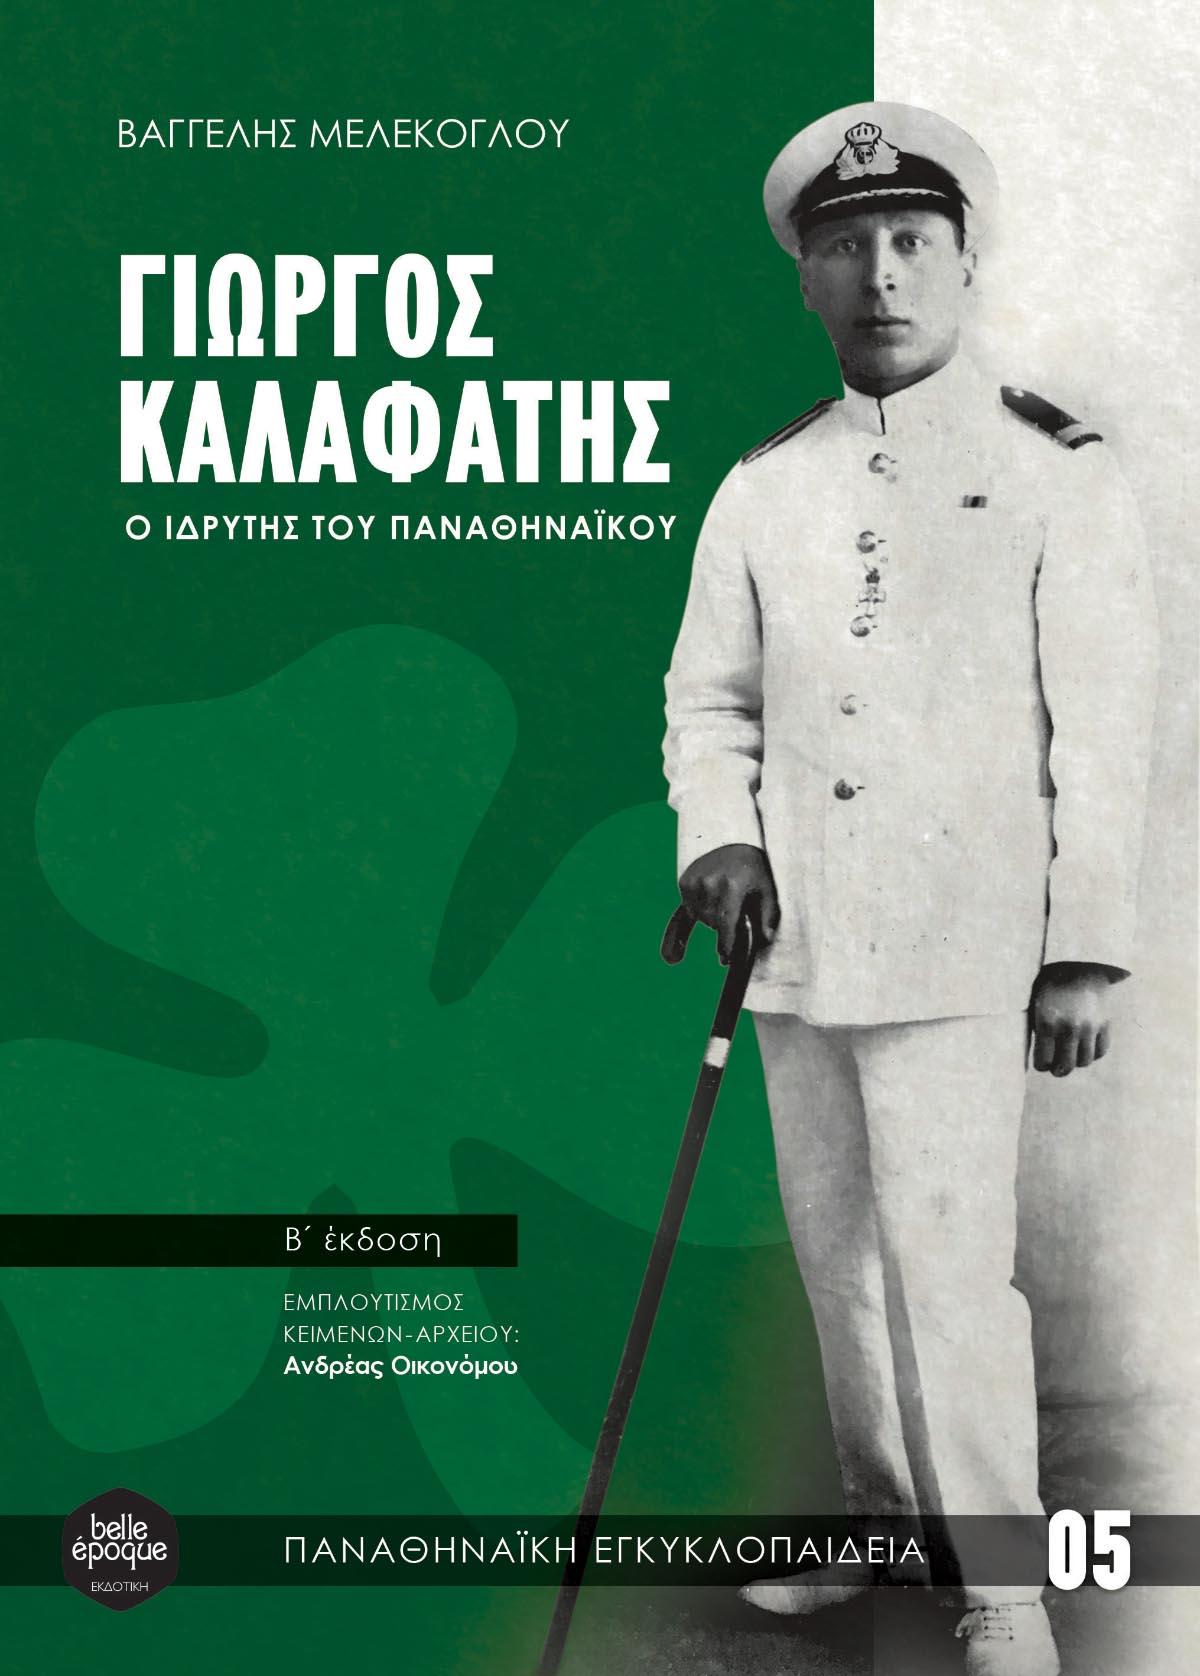 ΓΙΩΡΓΟΣ ΚΑΛΑΦΑΤΗΣ - Βιβλία Παναθηναϊκού